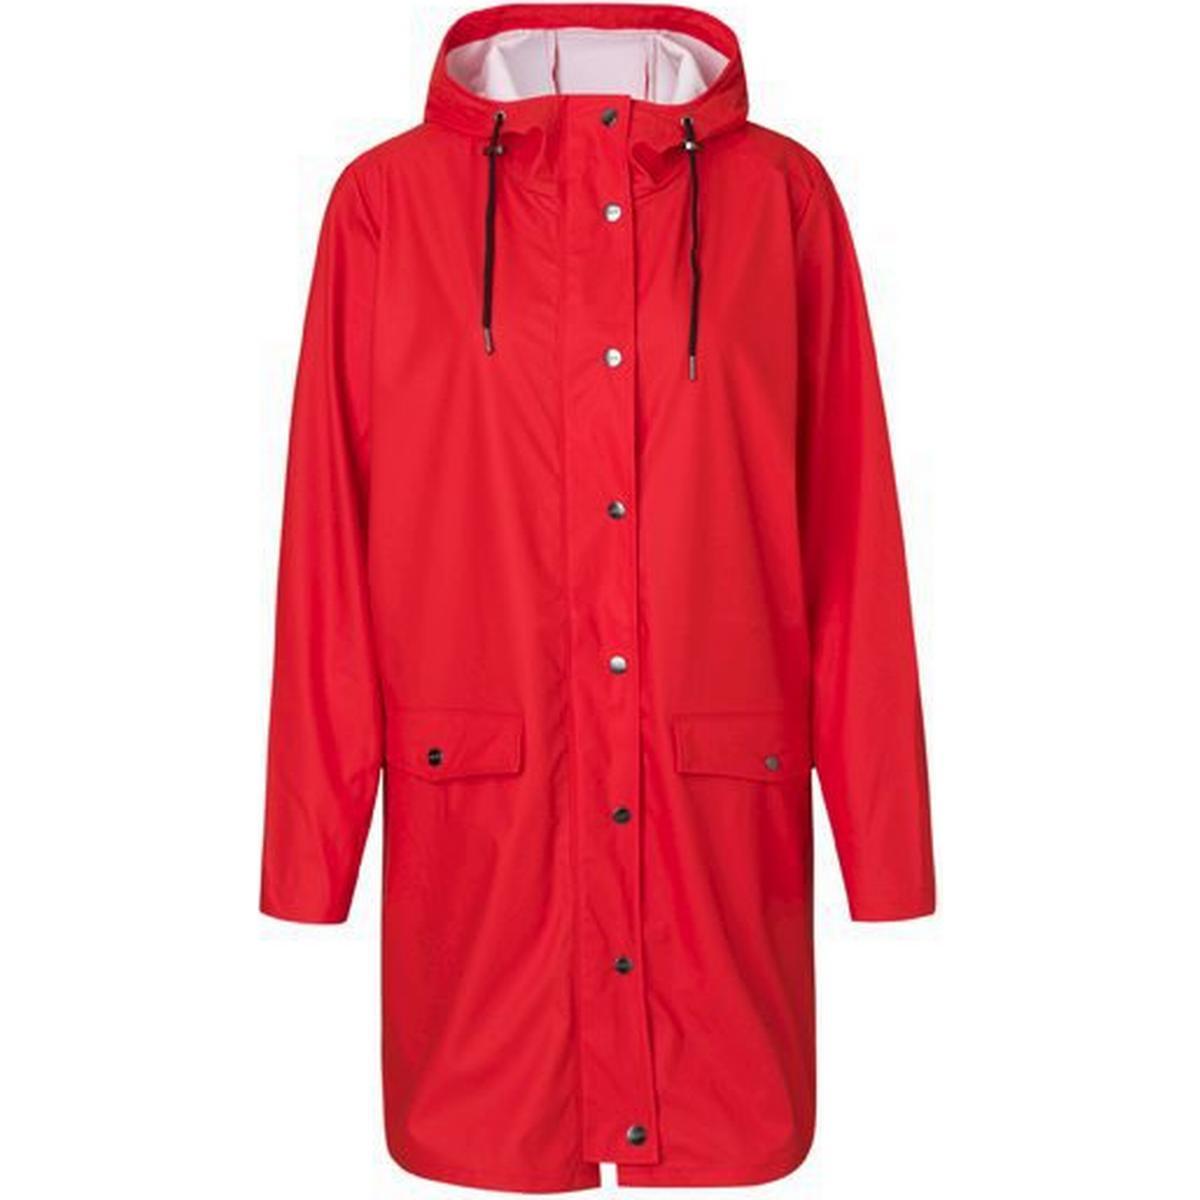 4cf2182d MByM Regnfrakke Dametøj - Sammenlign priser hos PriceRunner